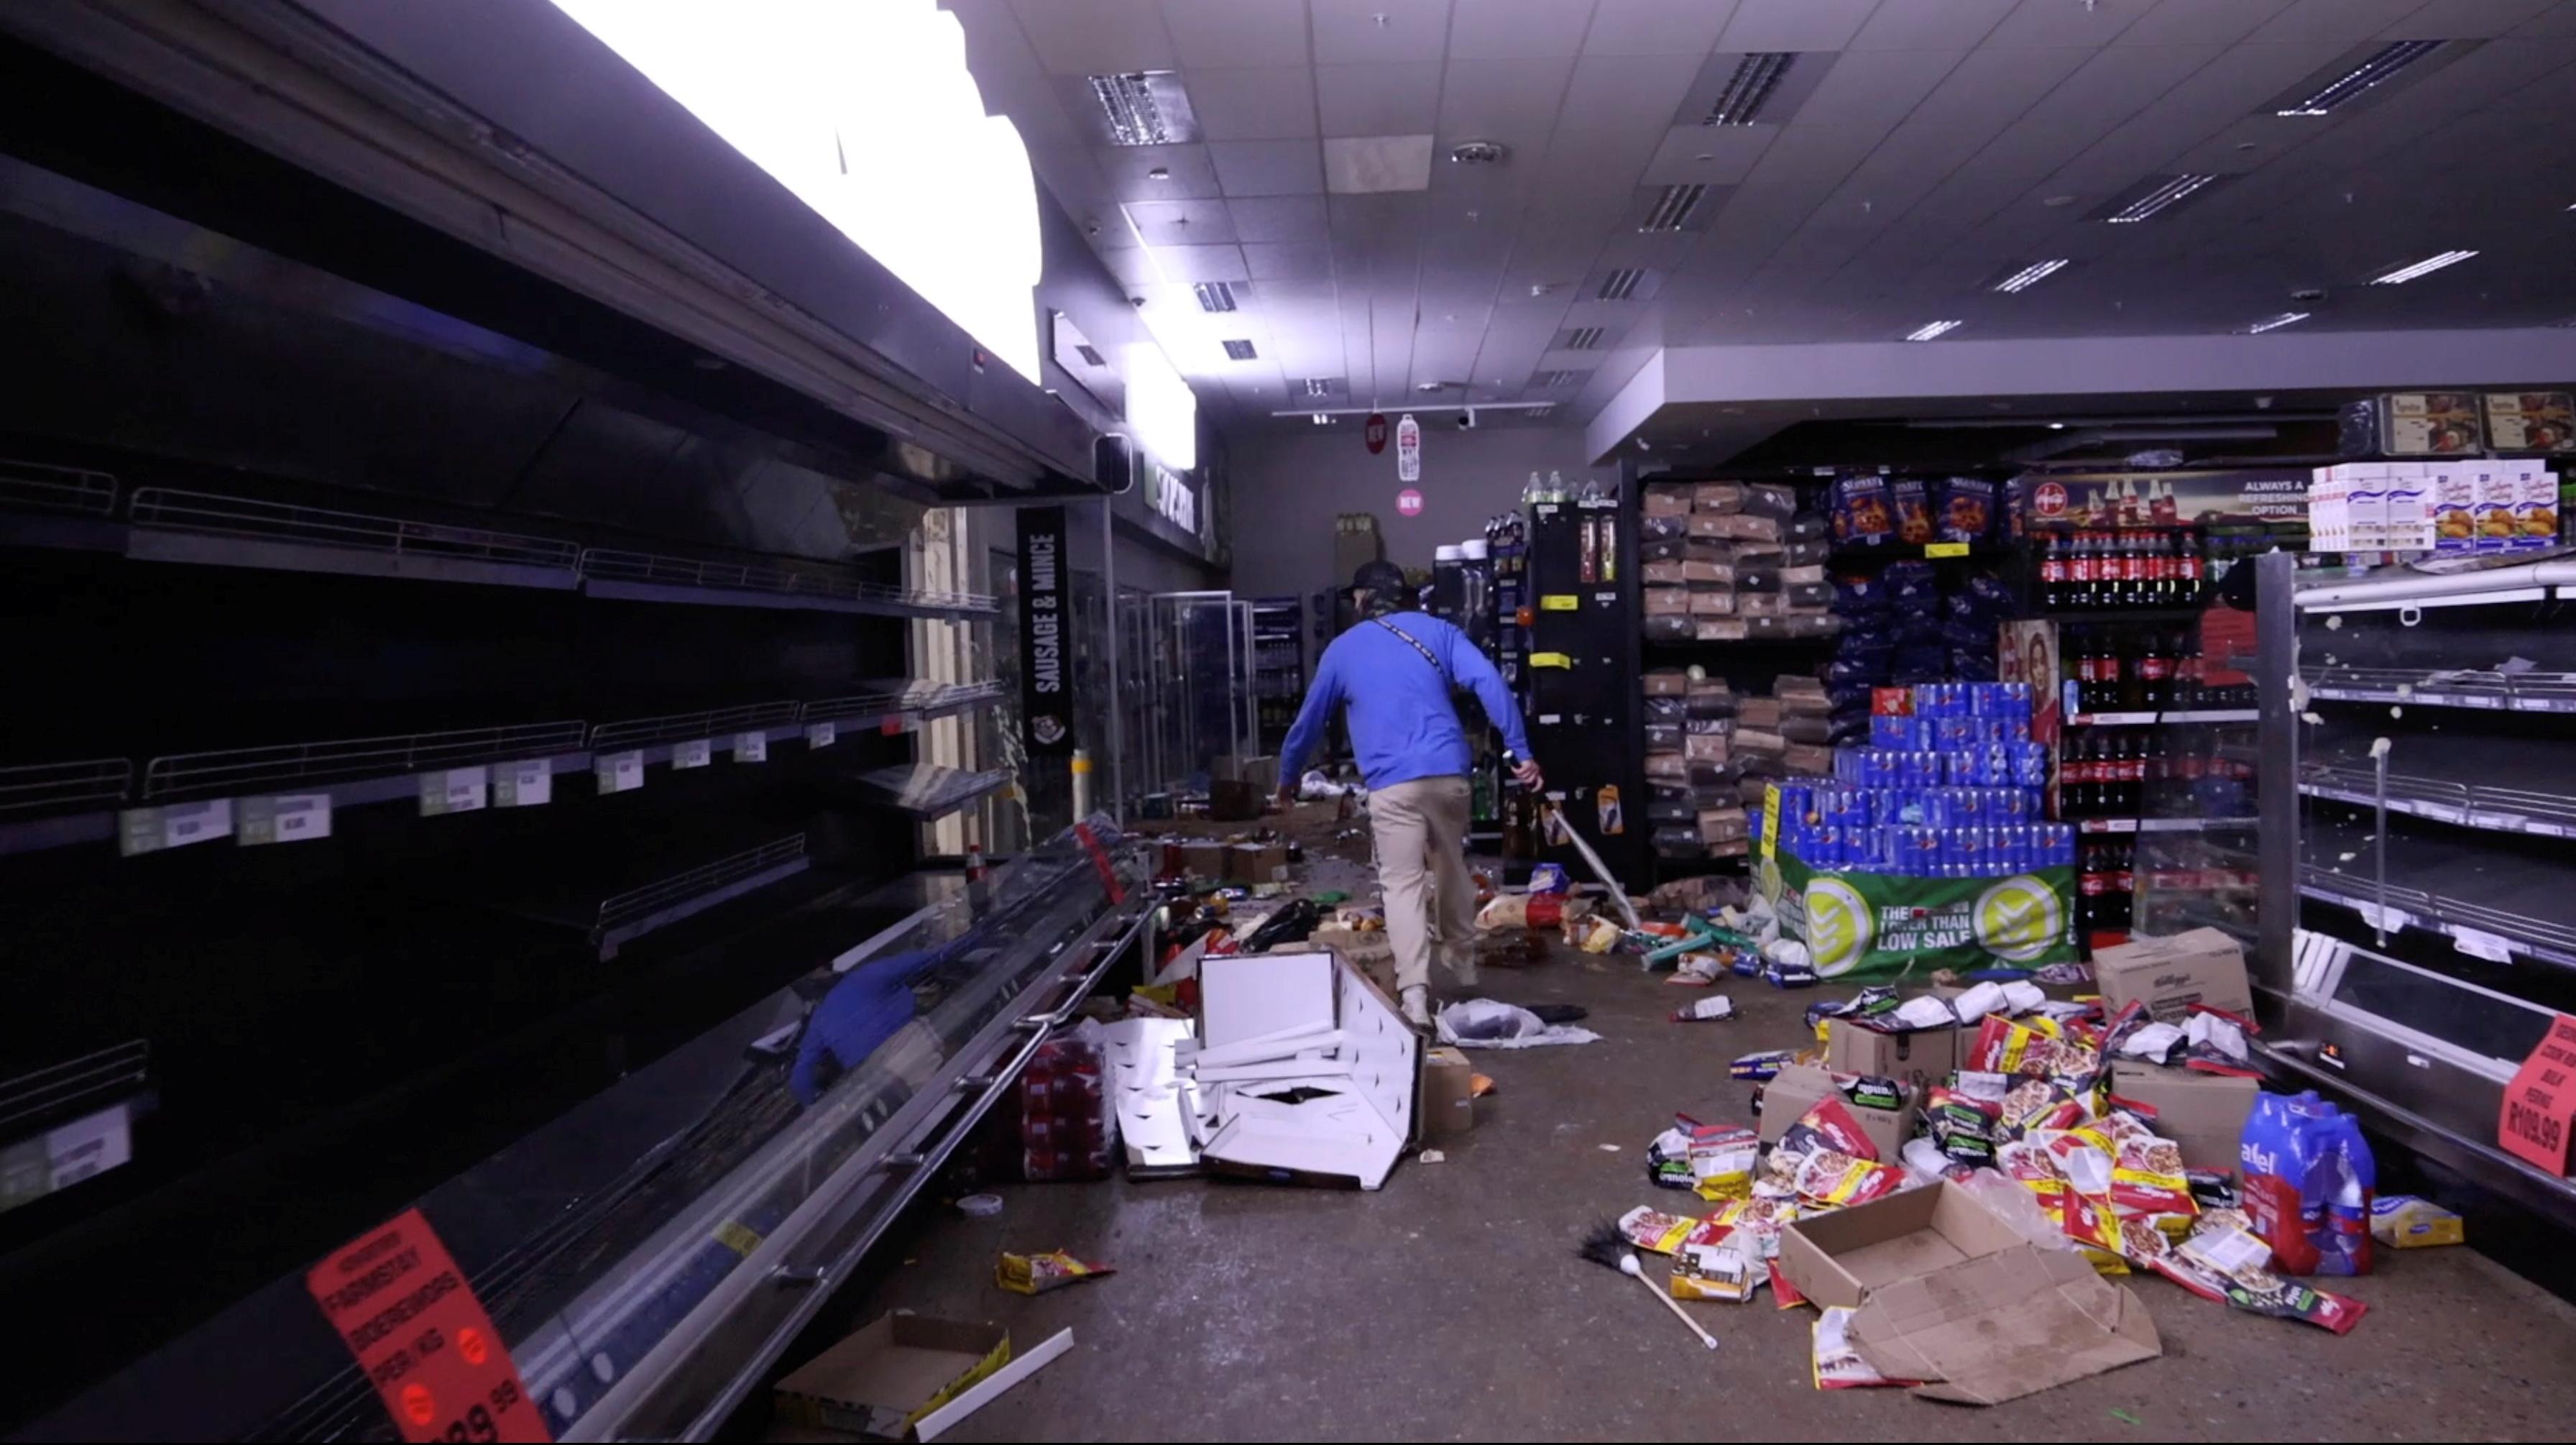 Samozbrojny miejscowy szuka szabrowników w supermarkecie po protestach, które przerodziły się w plądrowanie, w Durbanie w RPA 13 lipca 2021 r. Na tym zrzucie ekranu zaczerpniętym z filmu. Dzięki uprzejmości Kierrana Allena / przez REUTERS